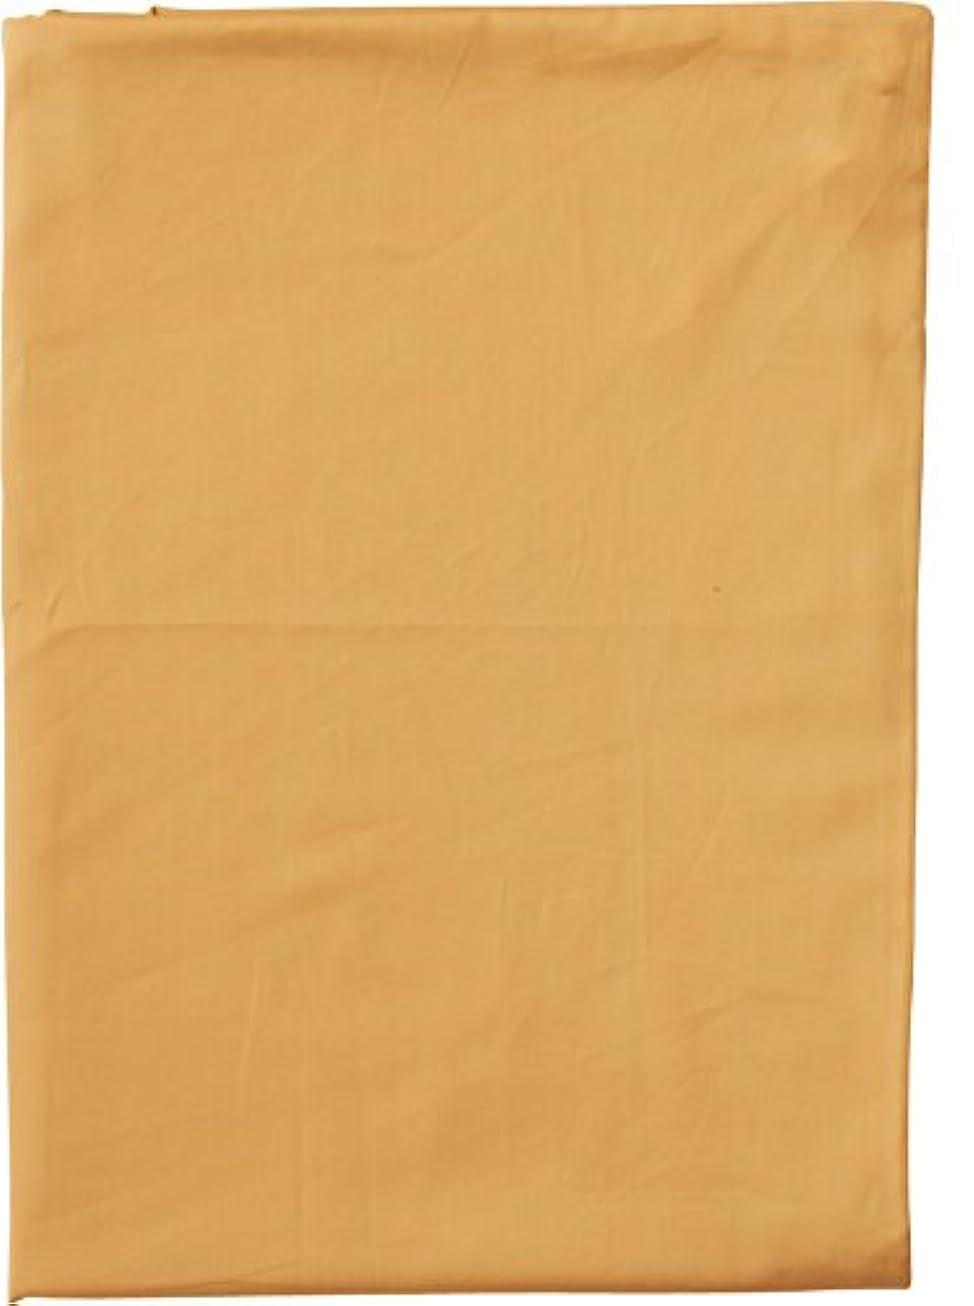 機関問題開示するエムール 日本製 ボックスシーツ ダブル 綿310本サテン エムールカラープレミアム 防ダニ 抗菌 防臭 モカベージュ